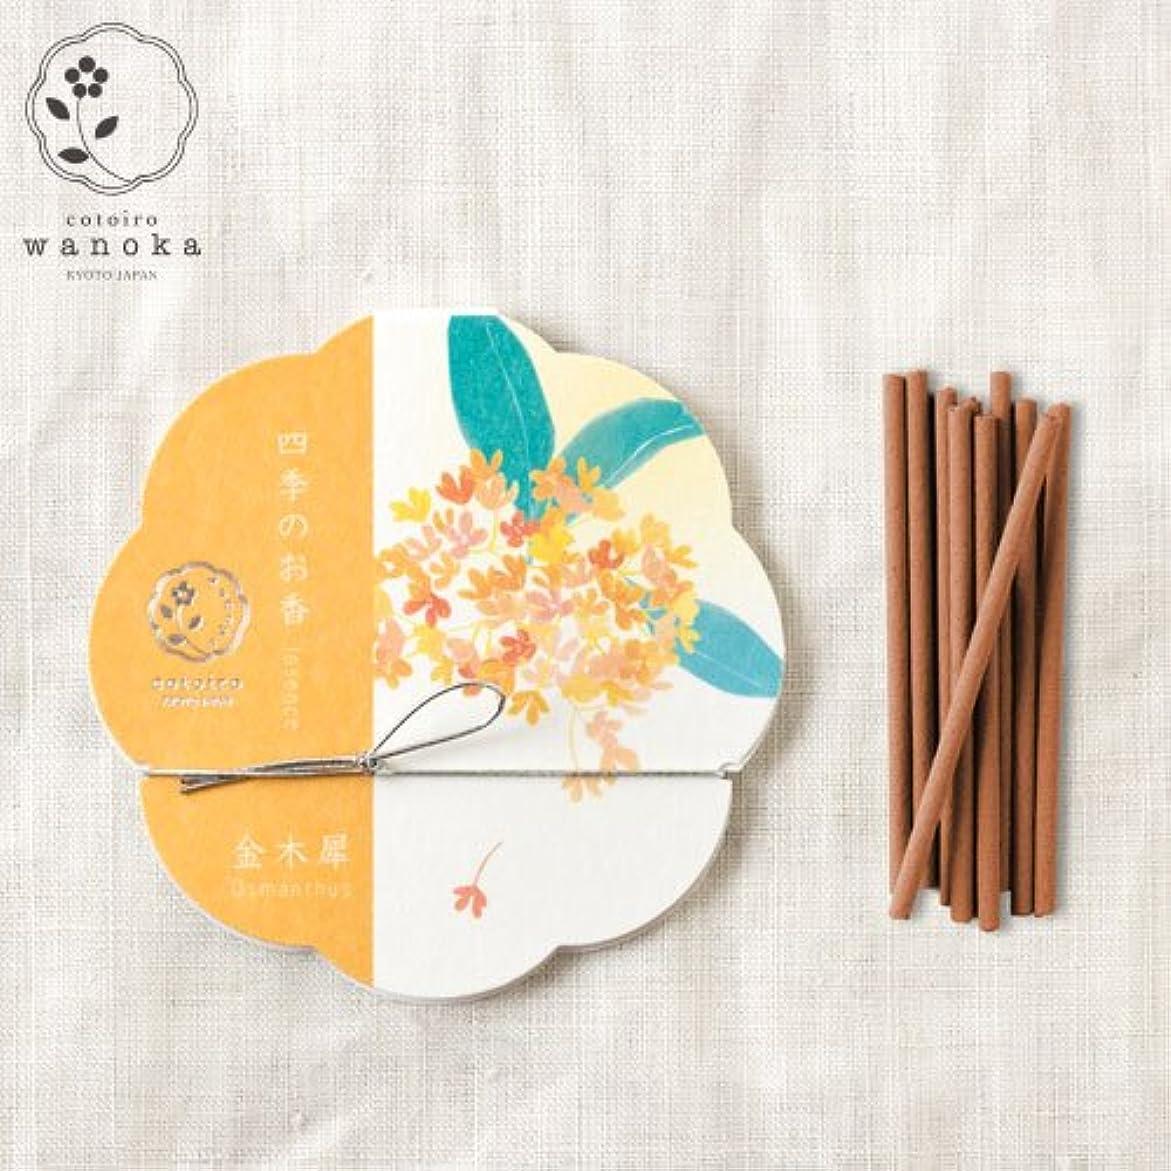 知恵演劇訴えるwanoka四季のお香(インセンス)金木犀《金木犀をイメージした果実のような甘い香り》ART LABIncense stick